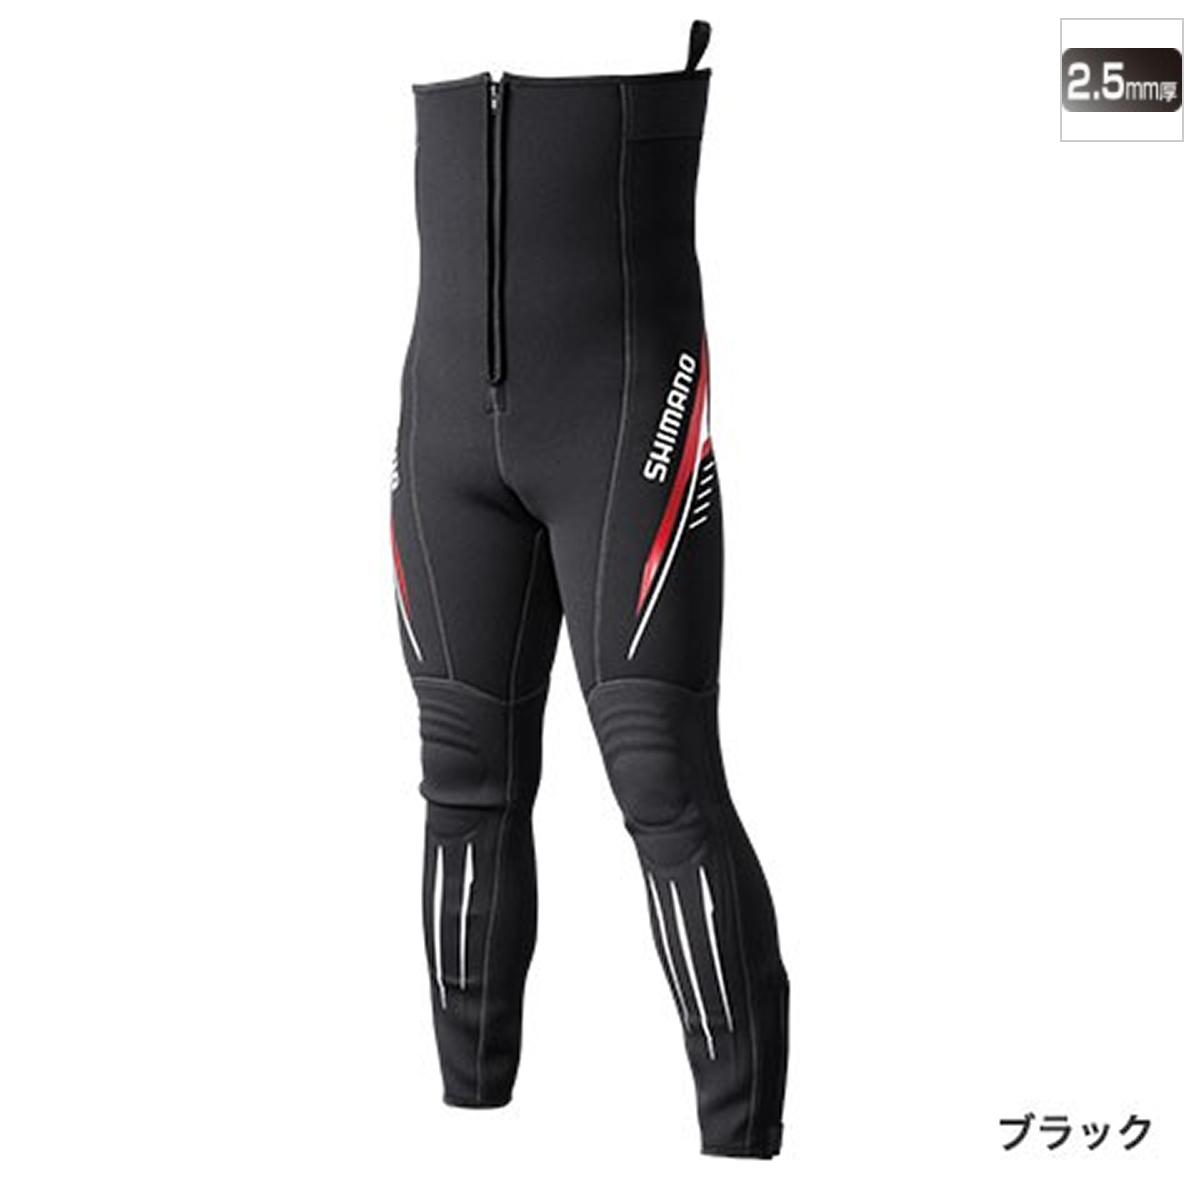 シマノ 鮎タイツT-2.5 TI-071Q LO ブラック【送料無料】